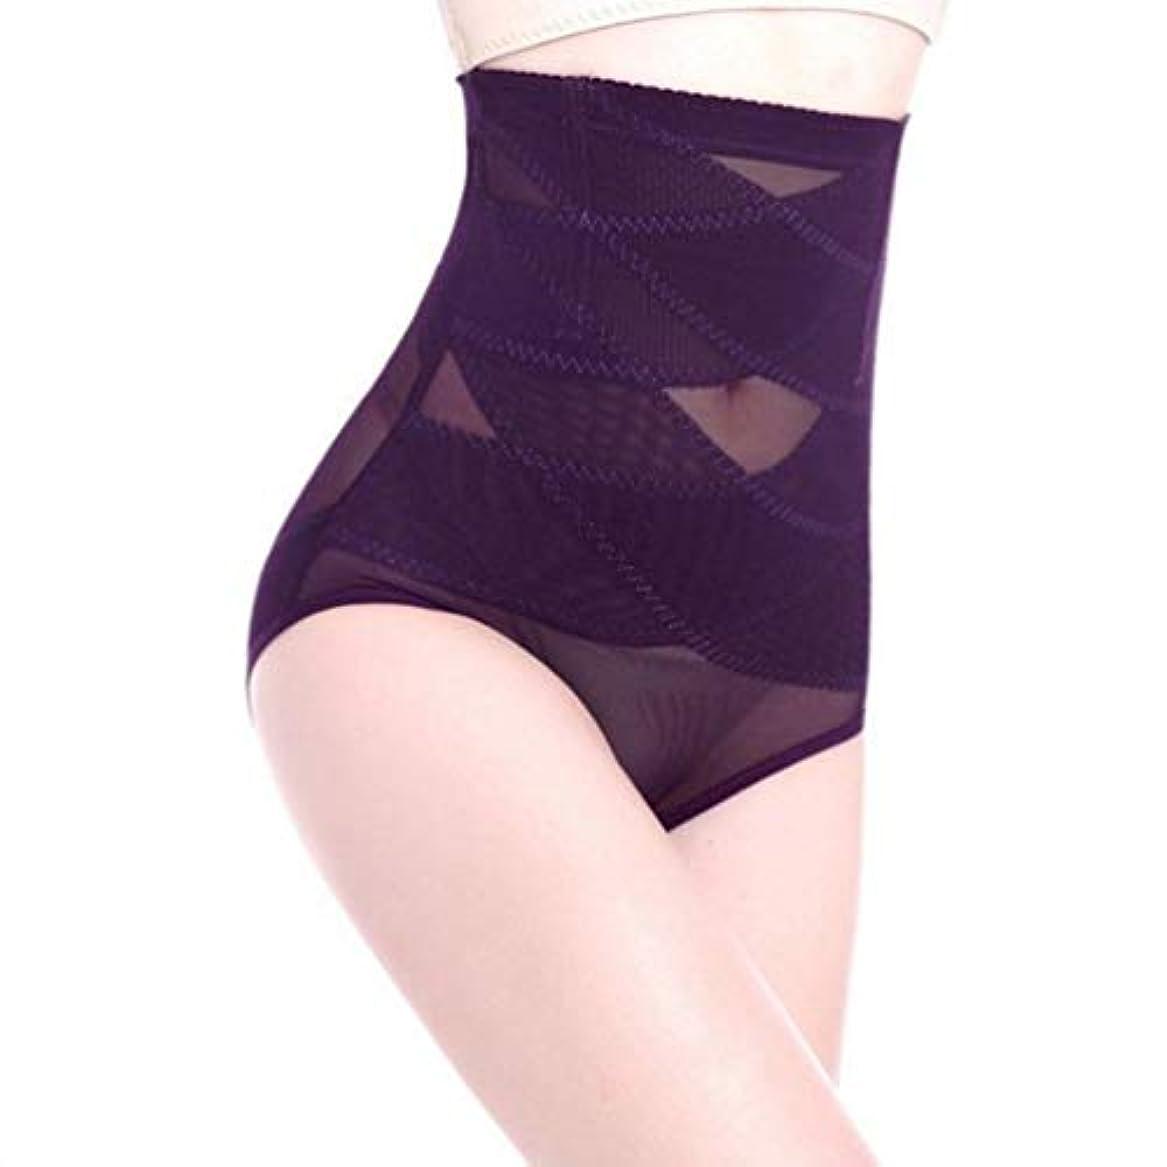 独創的支配する匹敵します通気性のあるハイウエスト女性痩身腹部コントロール下着シームレスおなかコントロールパンティーバットリフターボディシェイパー - パープル3 XL